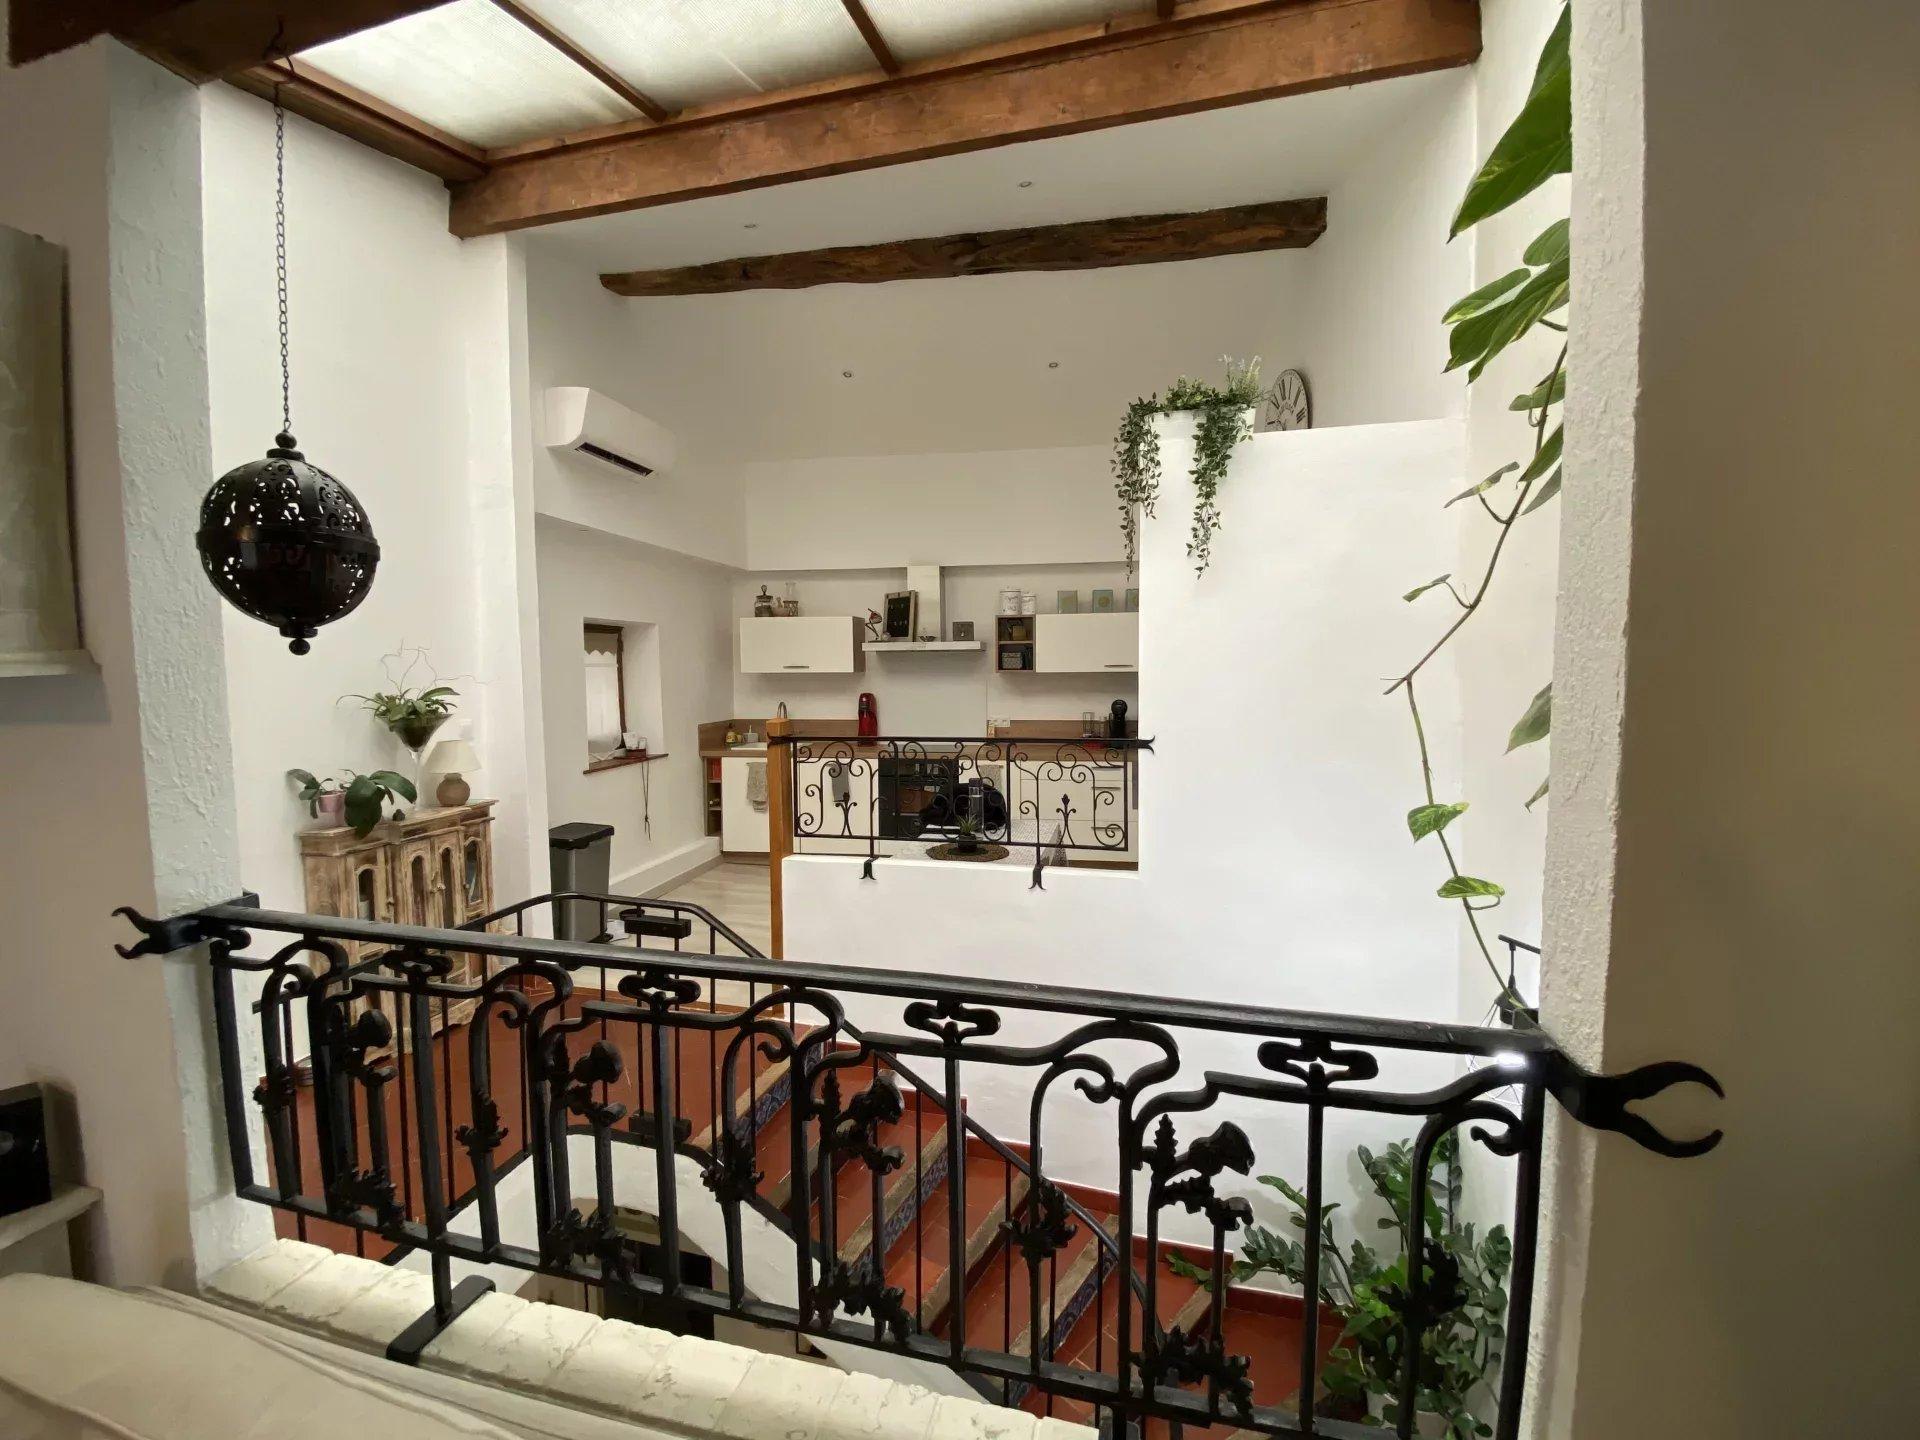 Maison R+2, 90m2 terrasse et cave